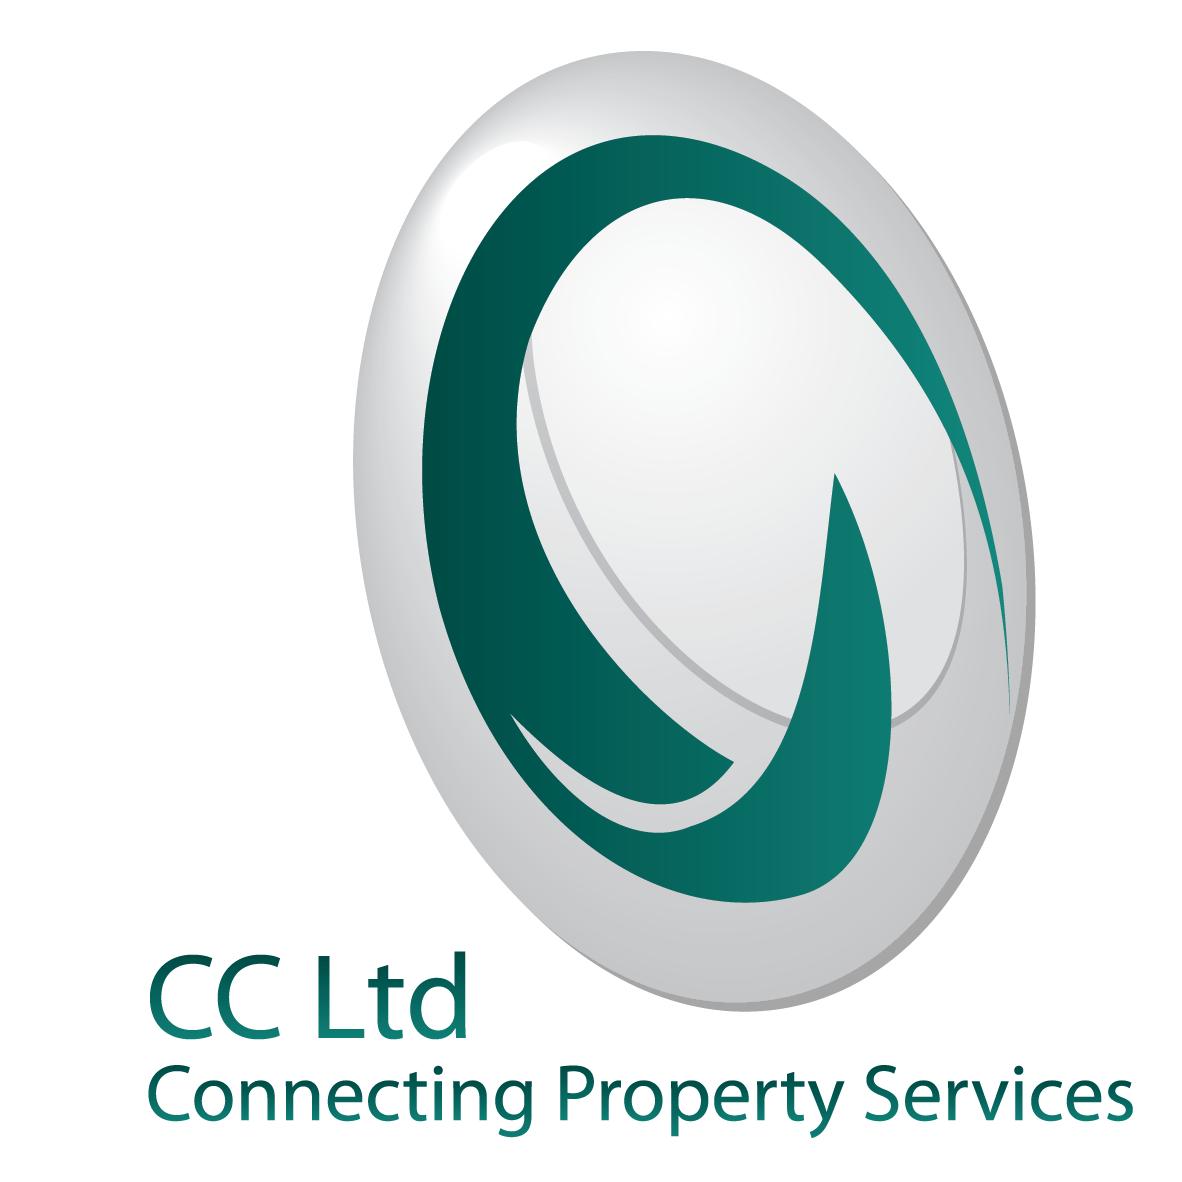 CC Ltd